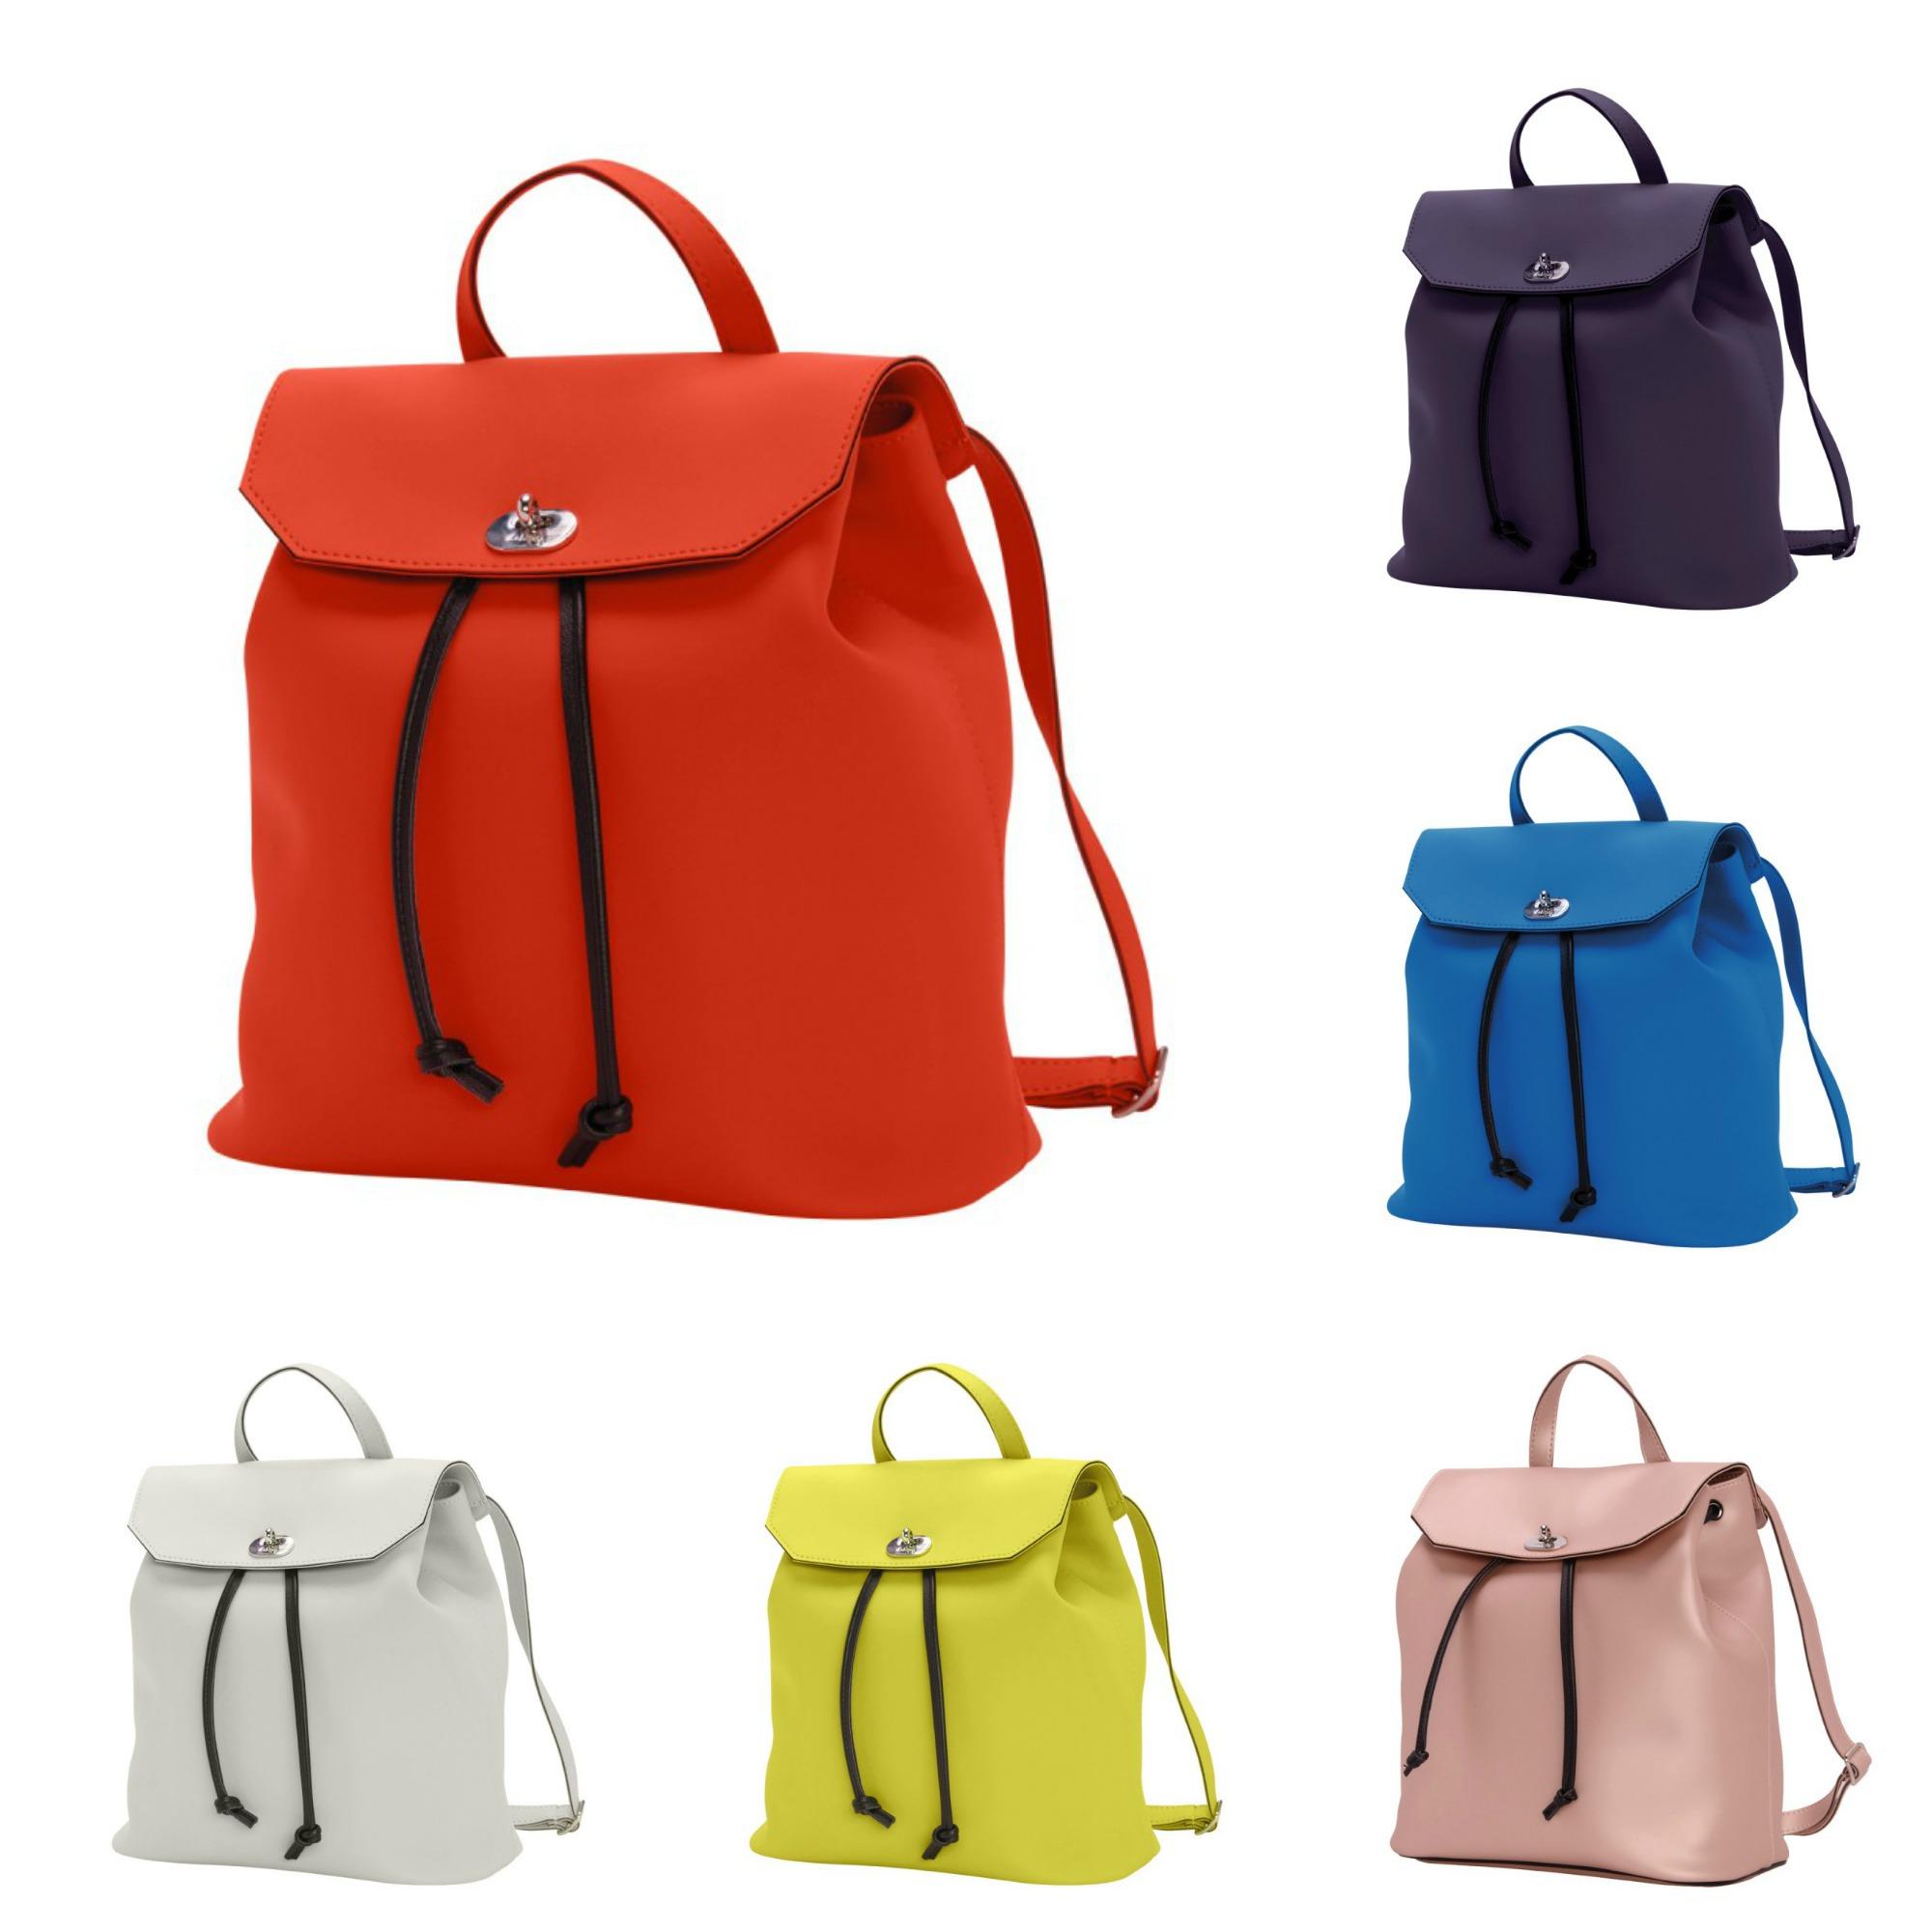 design di qualità 3e887 a46f3 Collezione Borse O Bag Soft primavera estate 2019: Colori ...